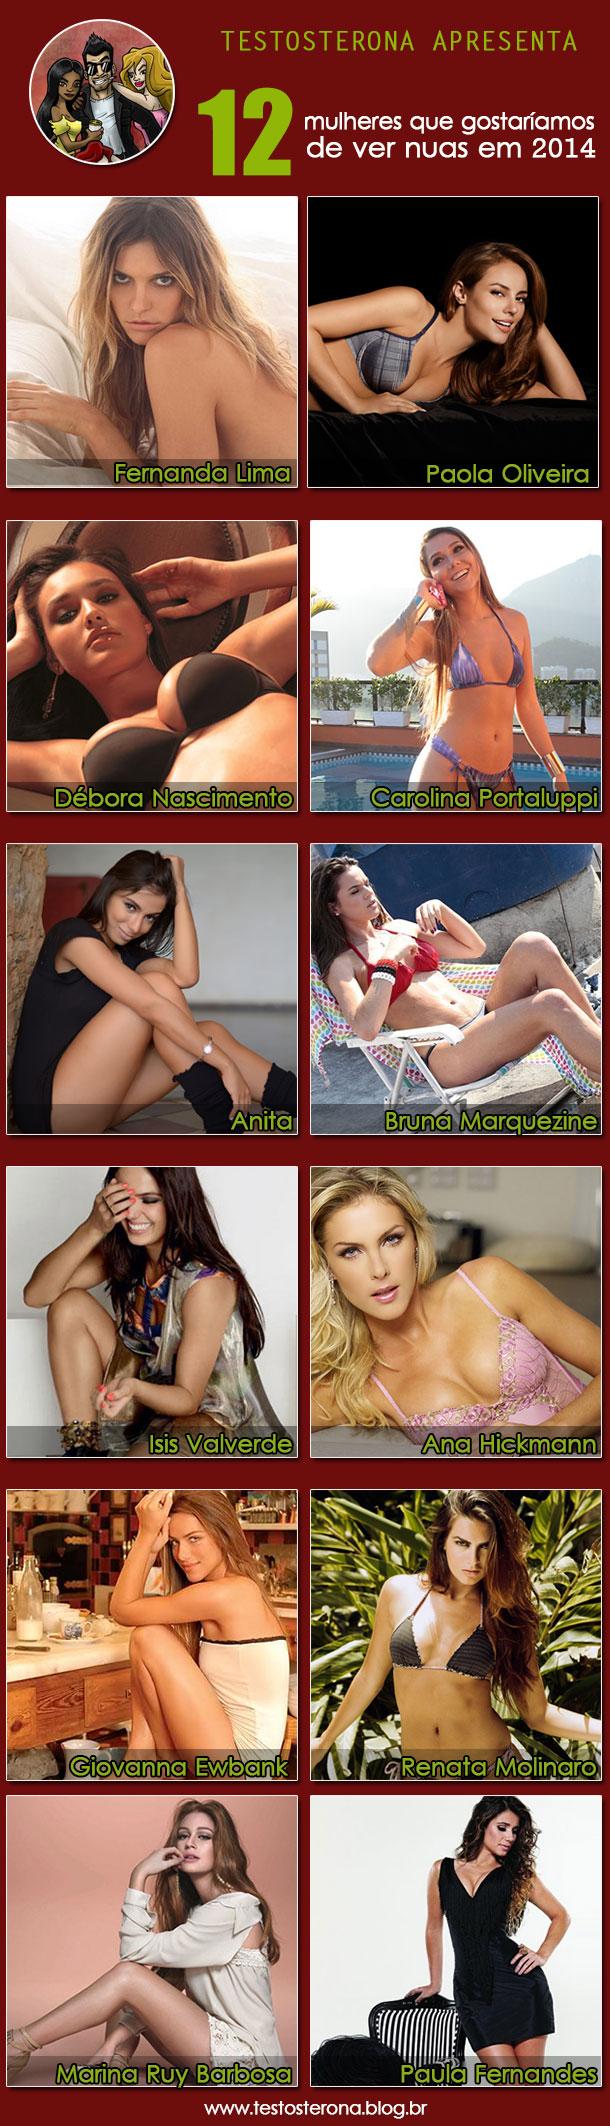 12-mulheres-que-gostariamos-de-ver-nuas-em-2014